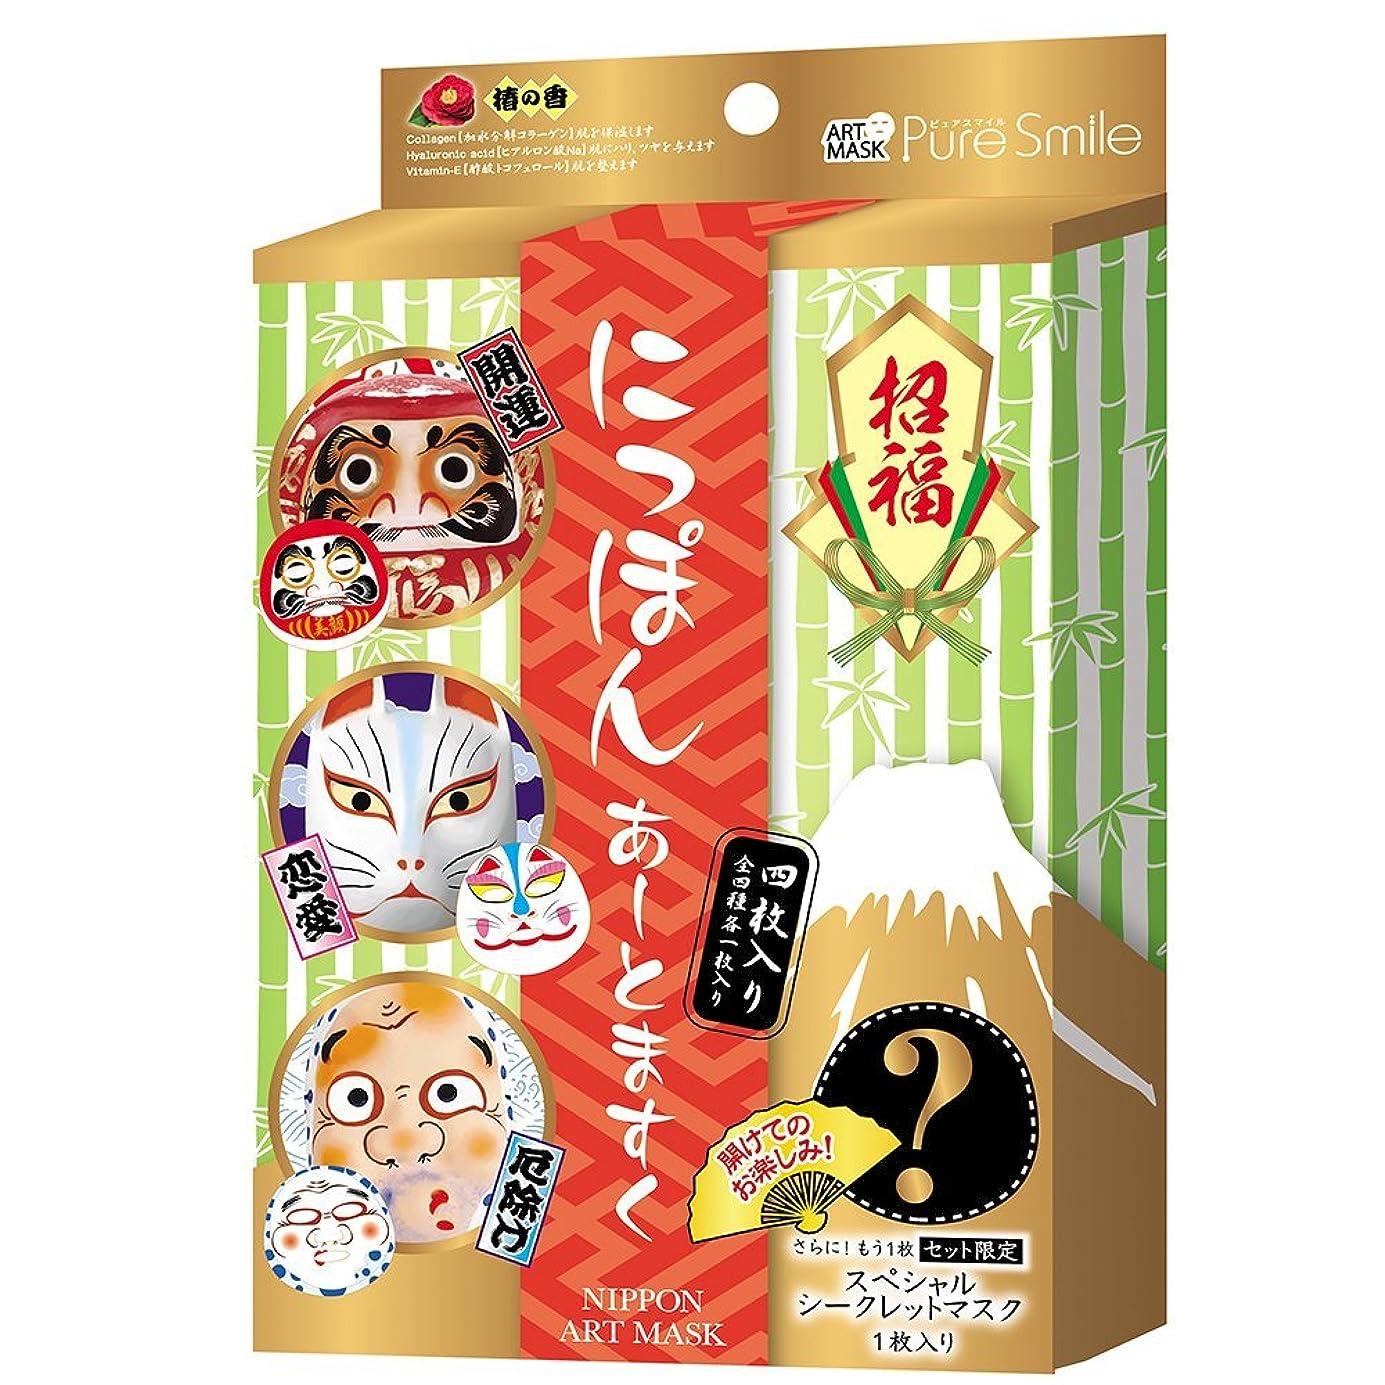 ルアー程度松ピュアスマイル 招福にっぽんアートマスク お得なセットBOX(全4種類各1枚入り)